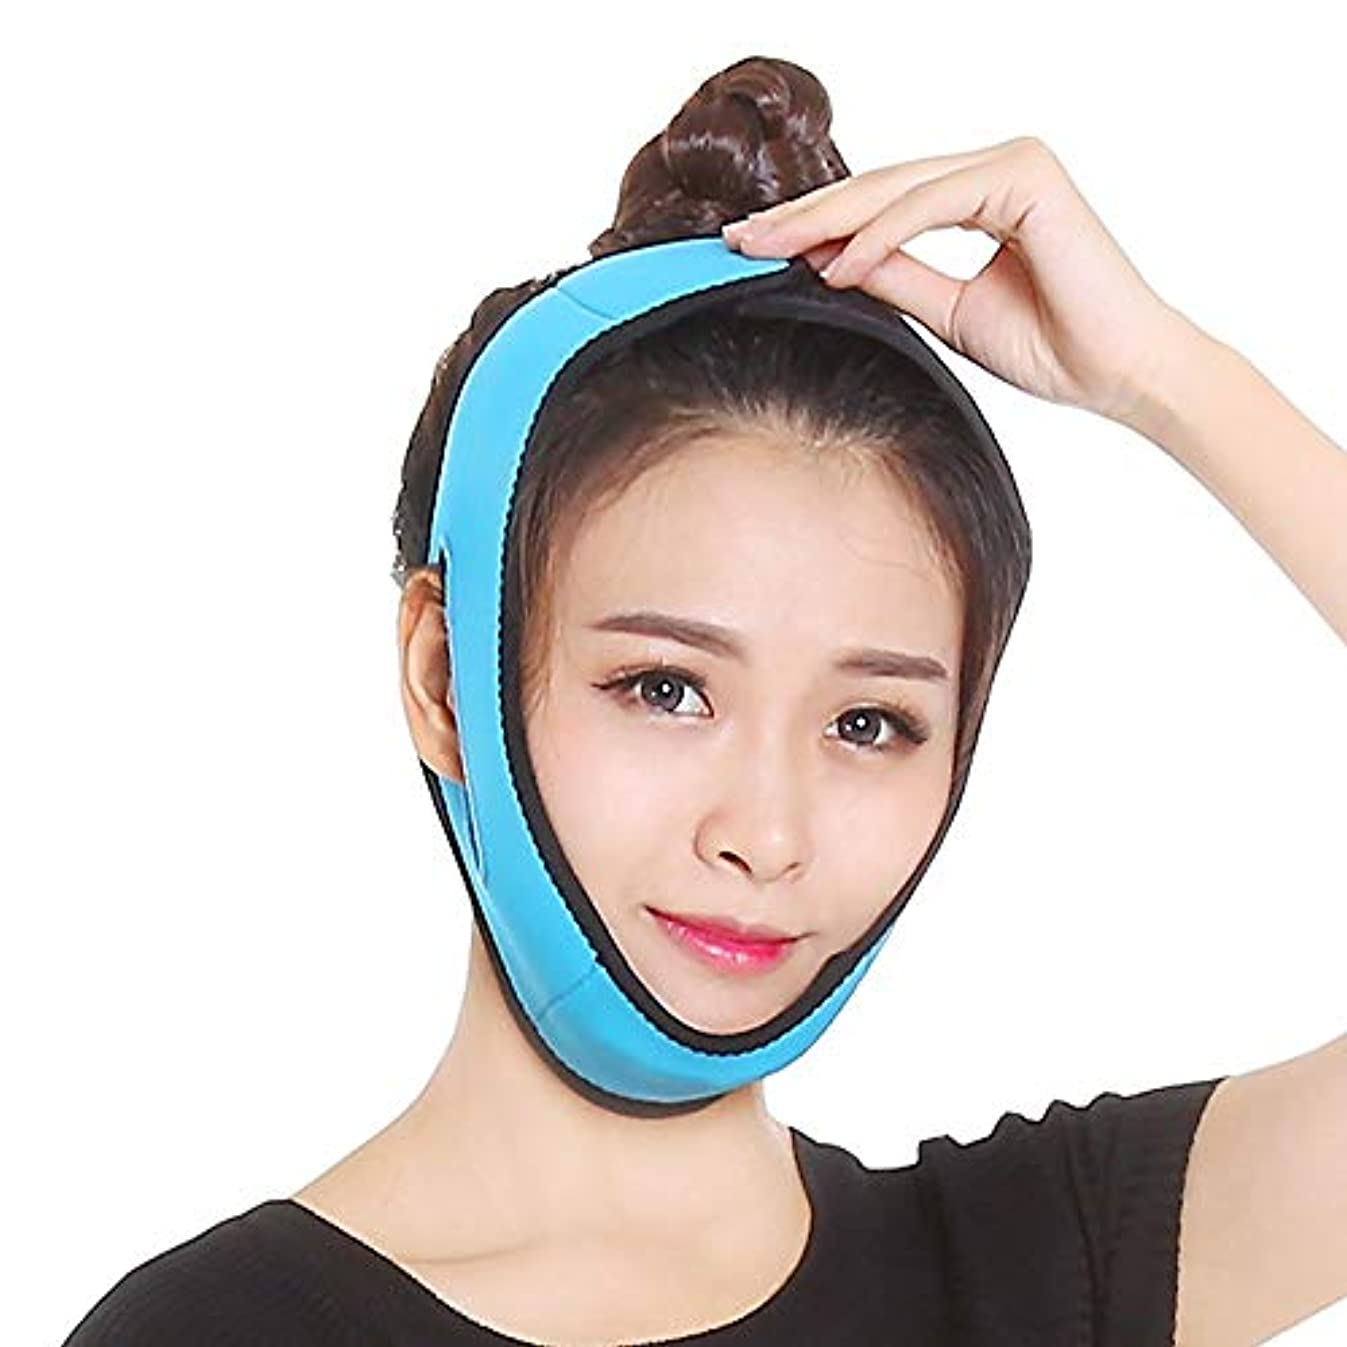 ボトルネック二週間弁護士Minmin フェイシャルリフティングスリミングベルト - 薄いフェイス包帯二重あごデバイス無料フェイシャルマッサージ整形マスクを引き締める顔と首の顔スリム みんみんVラインフェイスマスク